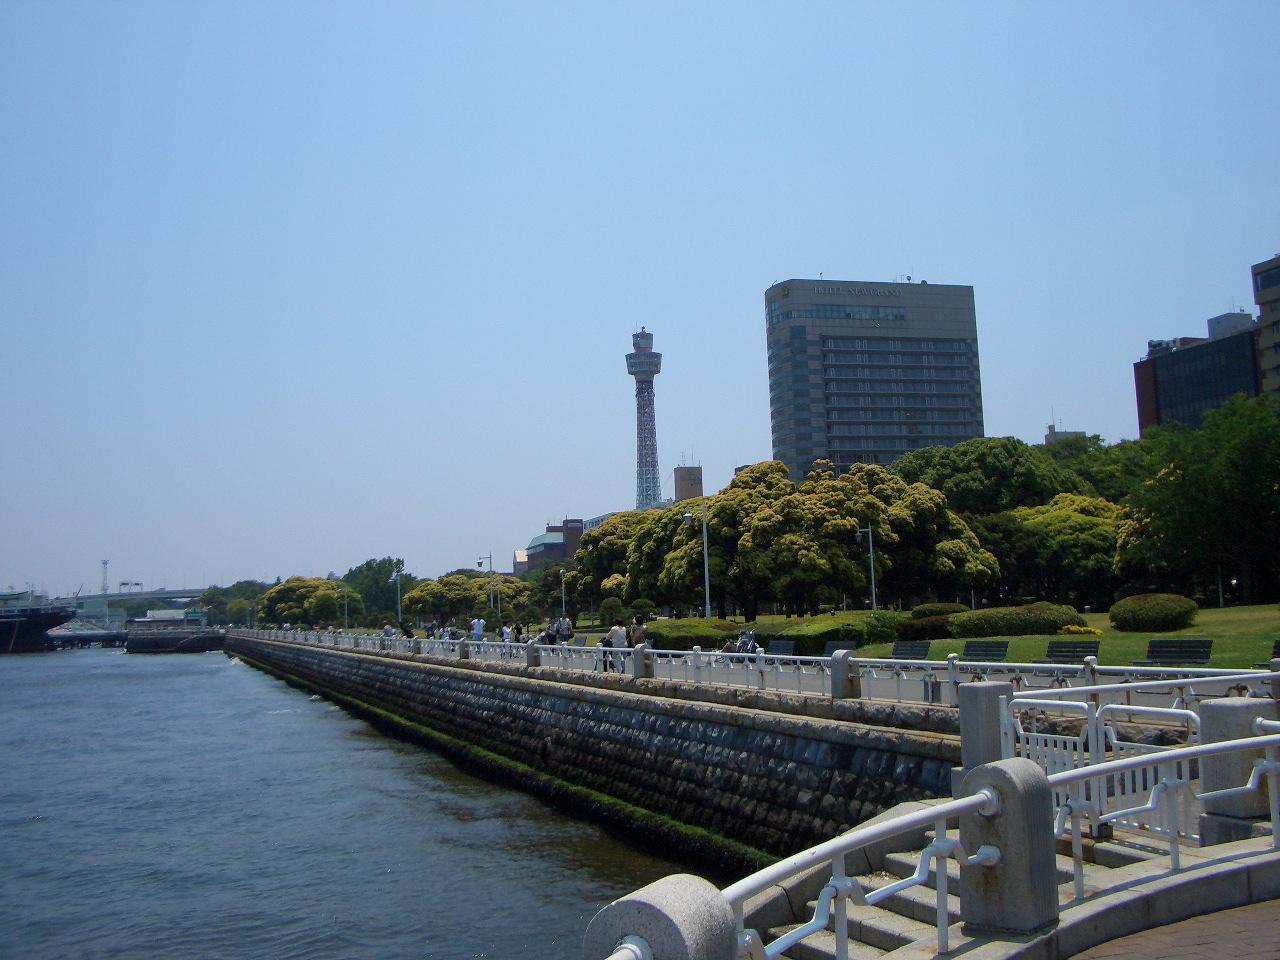 山下公園と横浜マリンタワー 画像は潮風が心地良い横浜 山下公園。 1961年に建設された南東方向